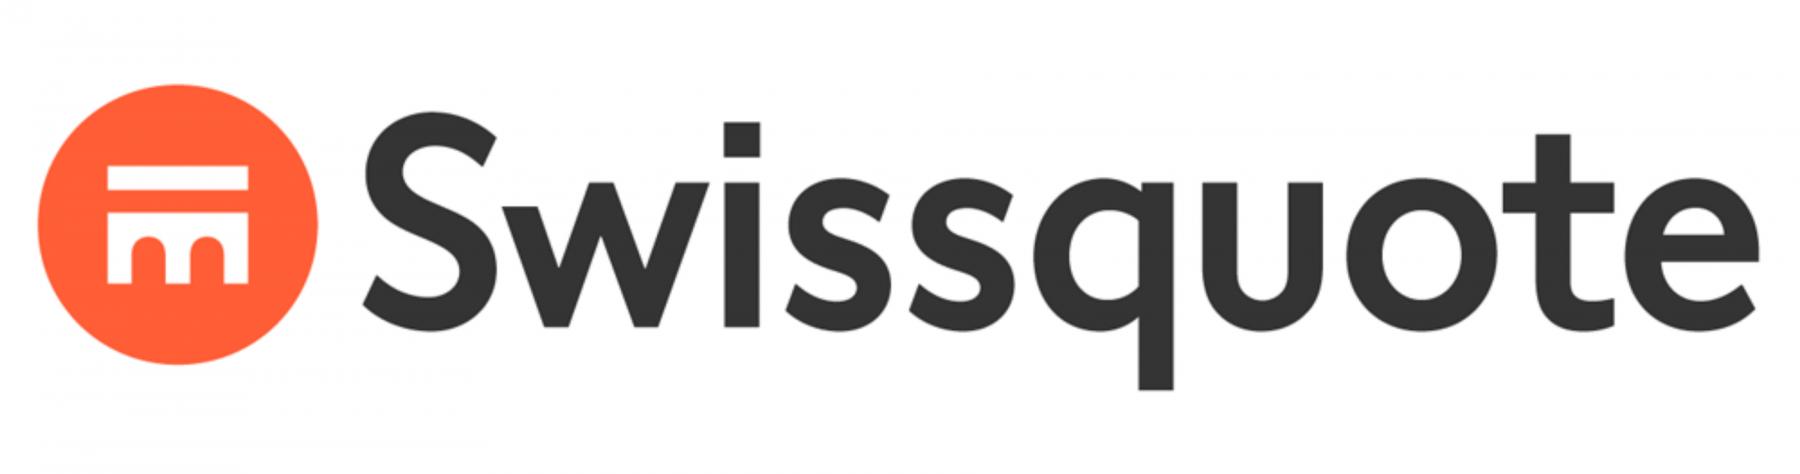 Swissquote-1